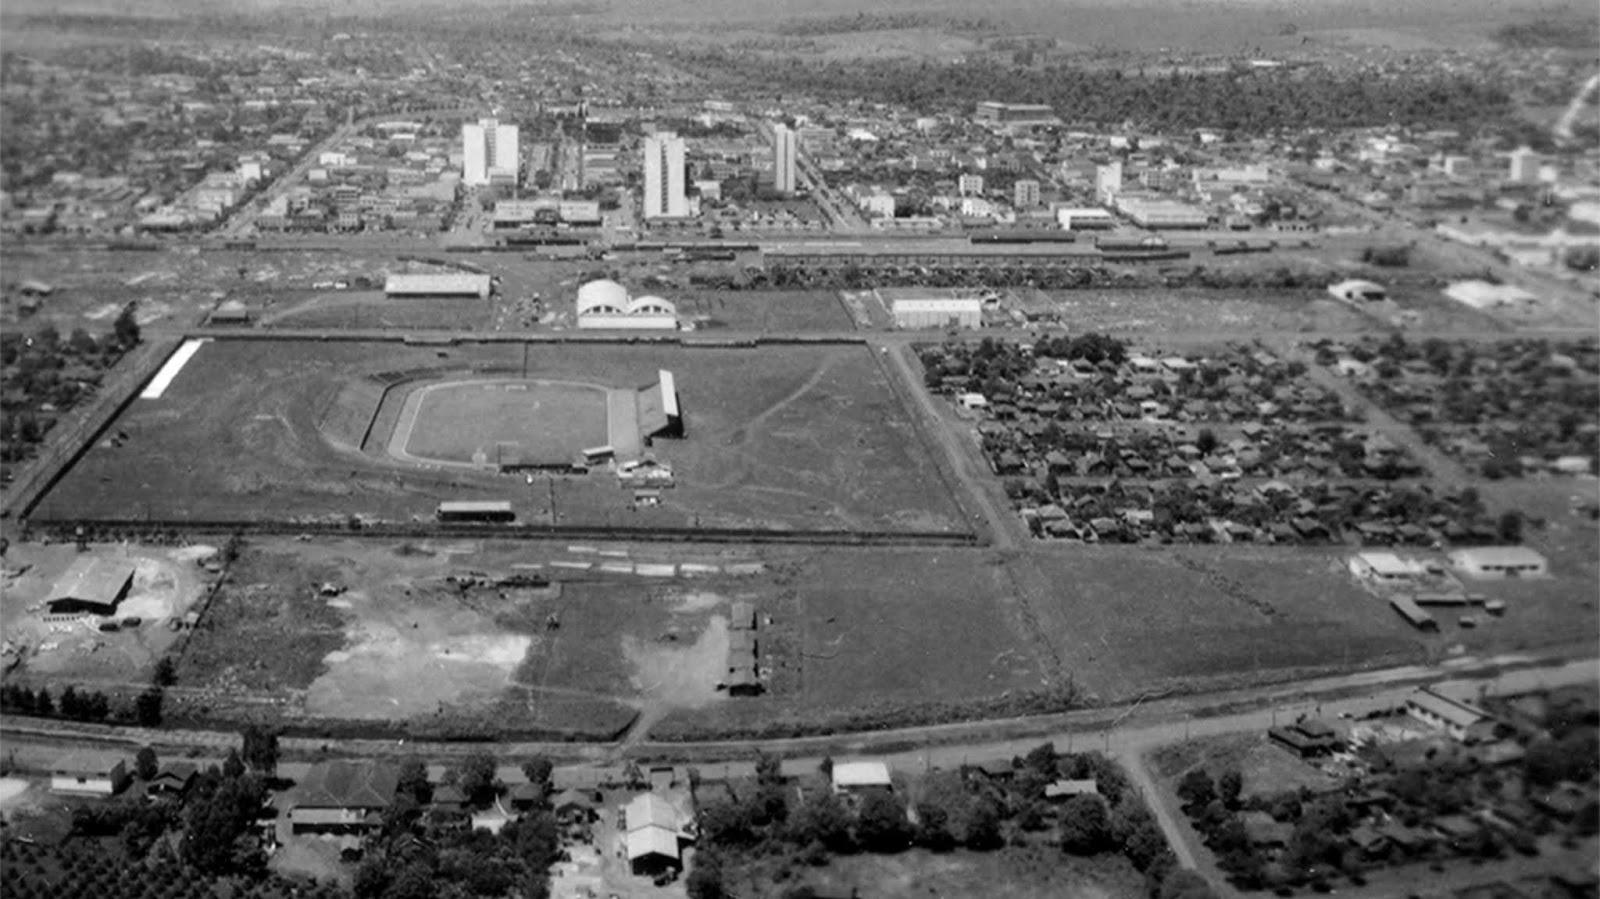 Estádio Regional Willie Davids - Década de 1960